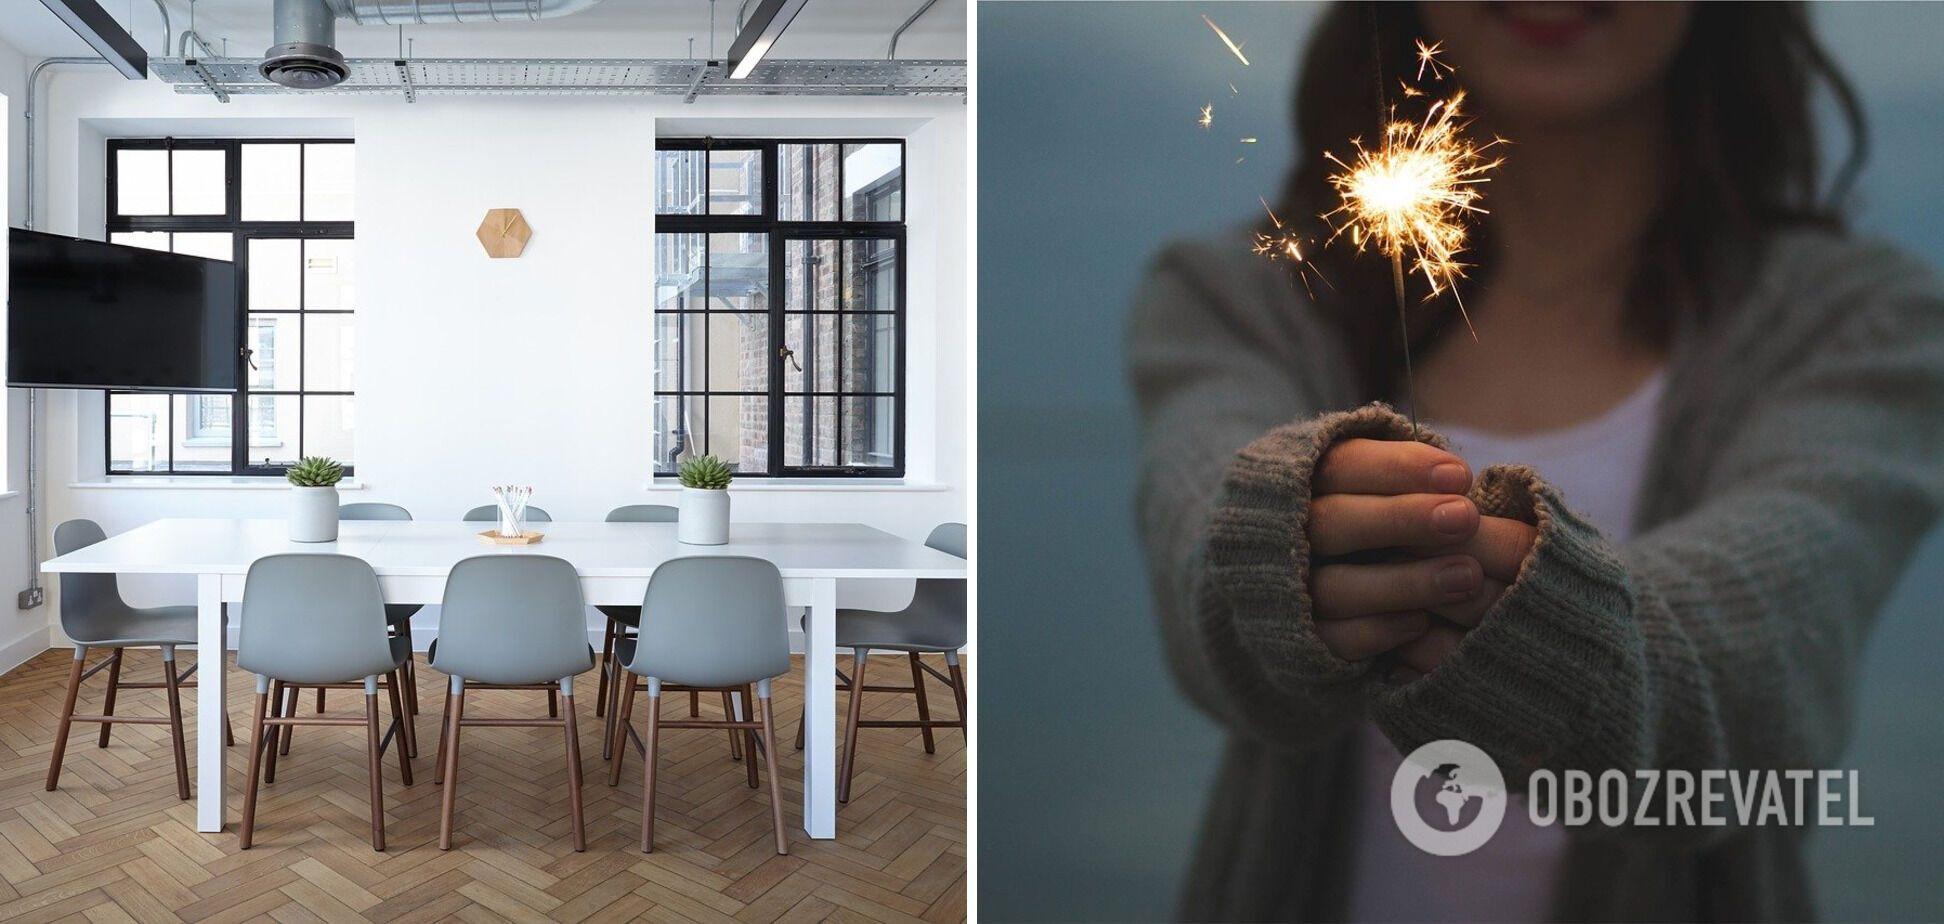 В Дании принято прыгать со стула в Новый год